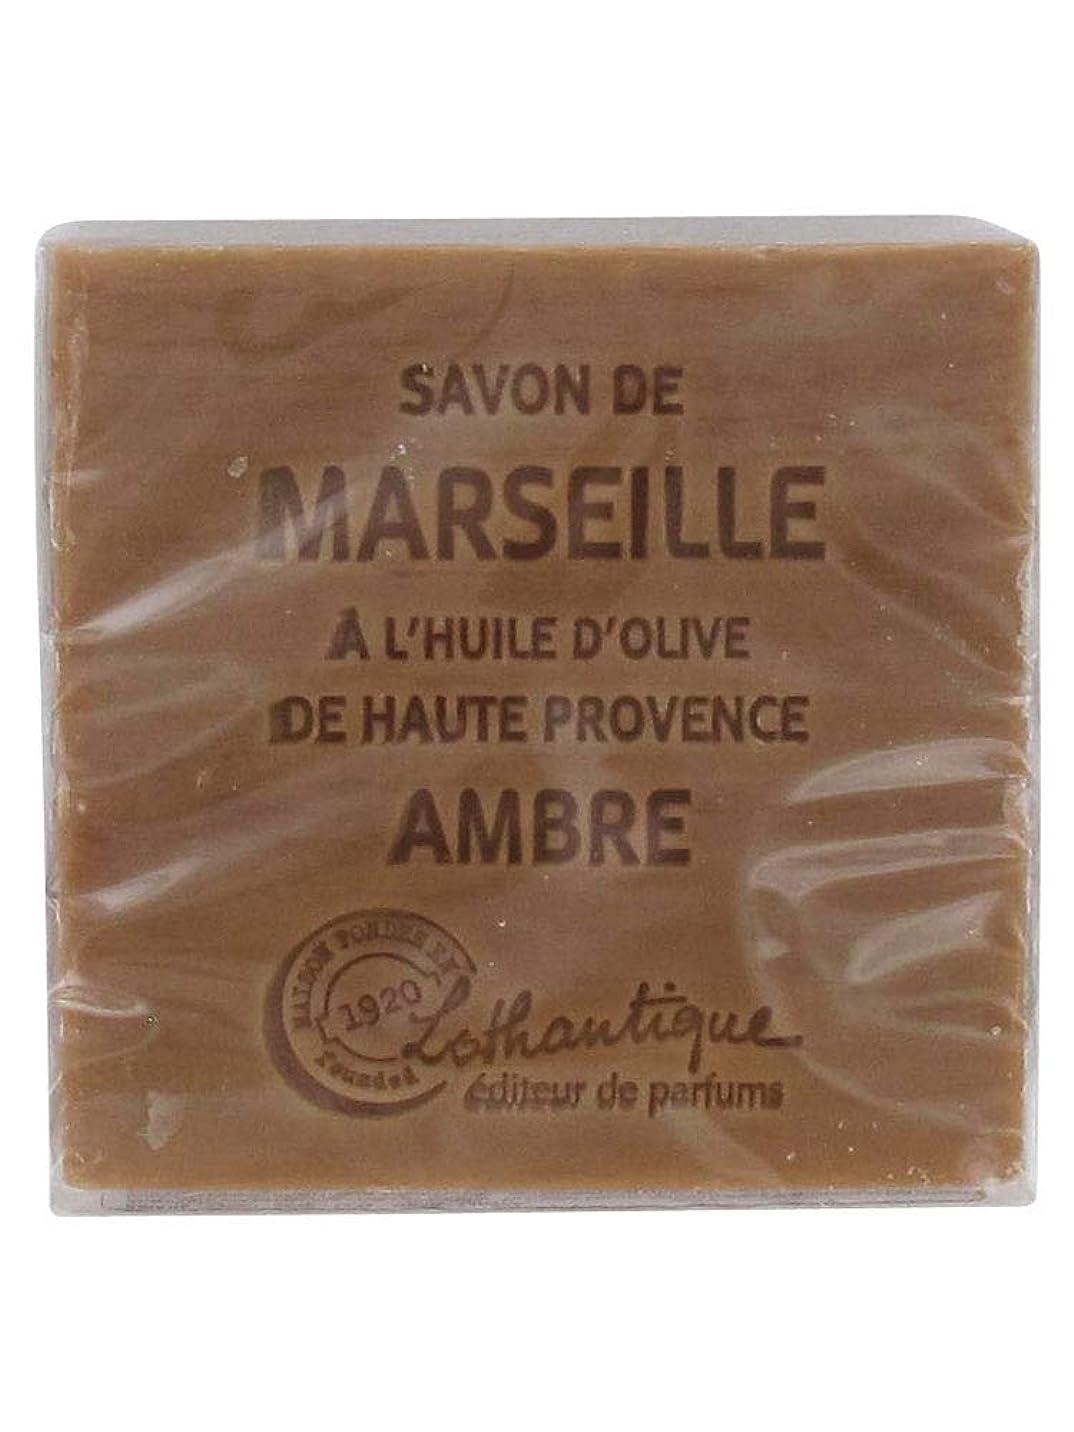 麻酔薬祭りフロントLothantique(ロタンティック) Les savons de Marseille(マルセイユソープ) マルセイユソープ 100g 「アンバー」 3420070038012